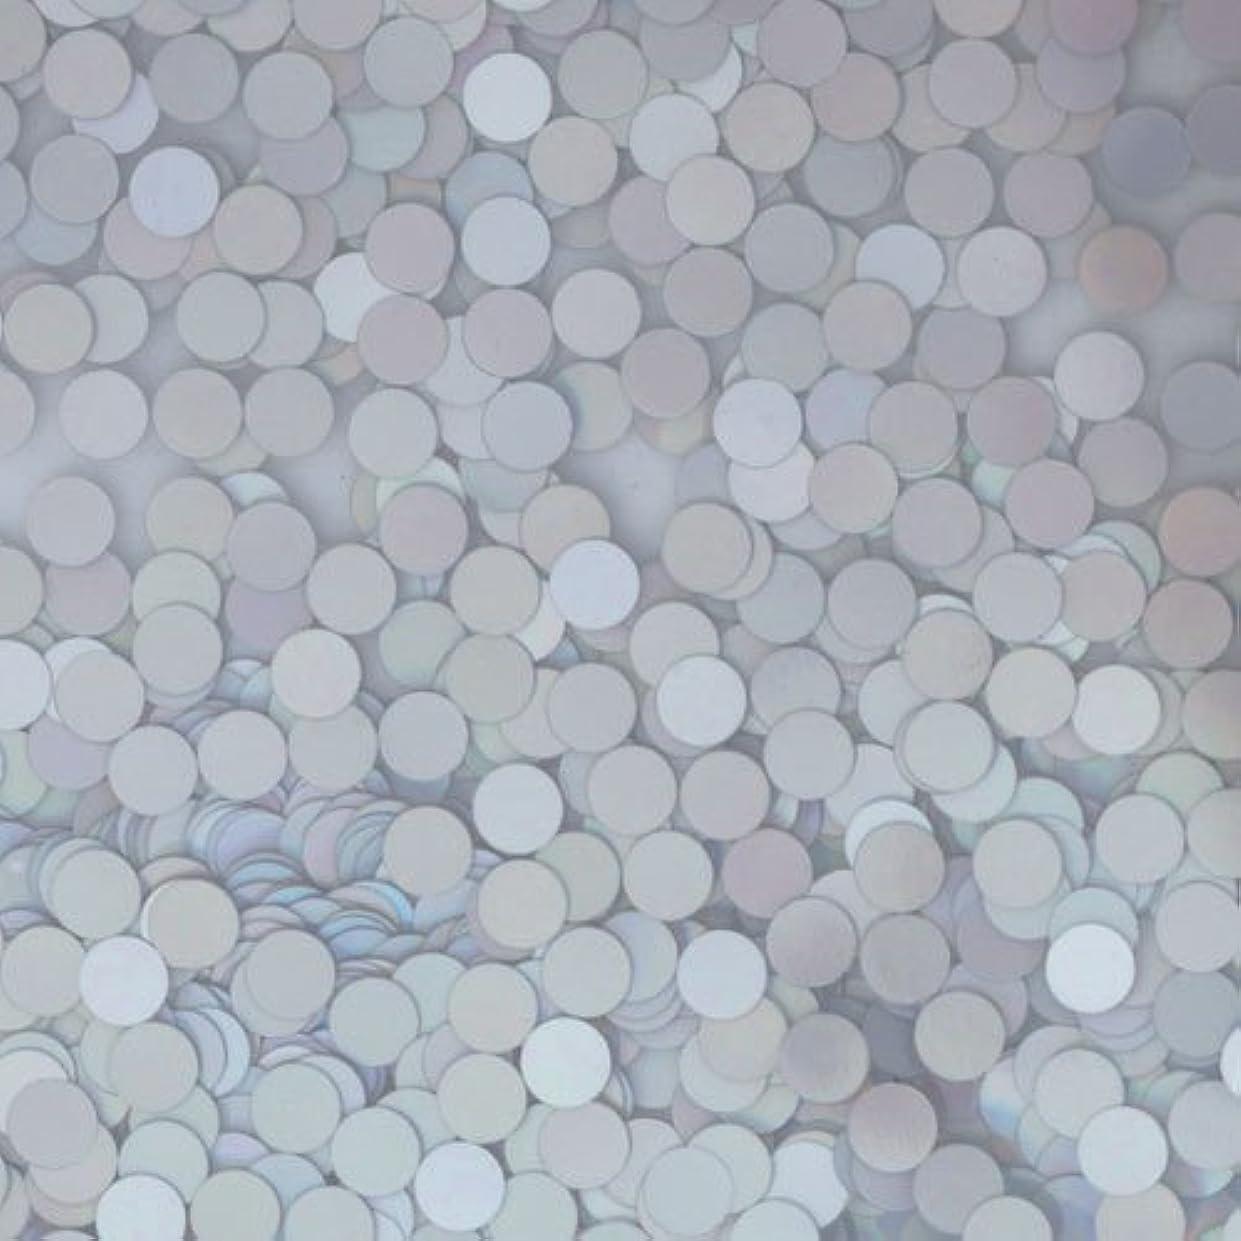 ペース確認する首ピカエース ネイル用パウダー ピカエース 丸ホロ 1.5mm #883 マットシルバー 0.5g アート材